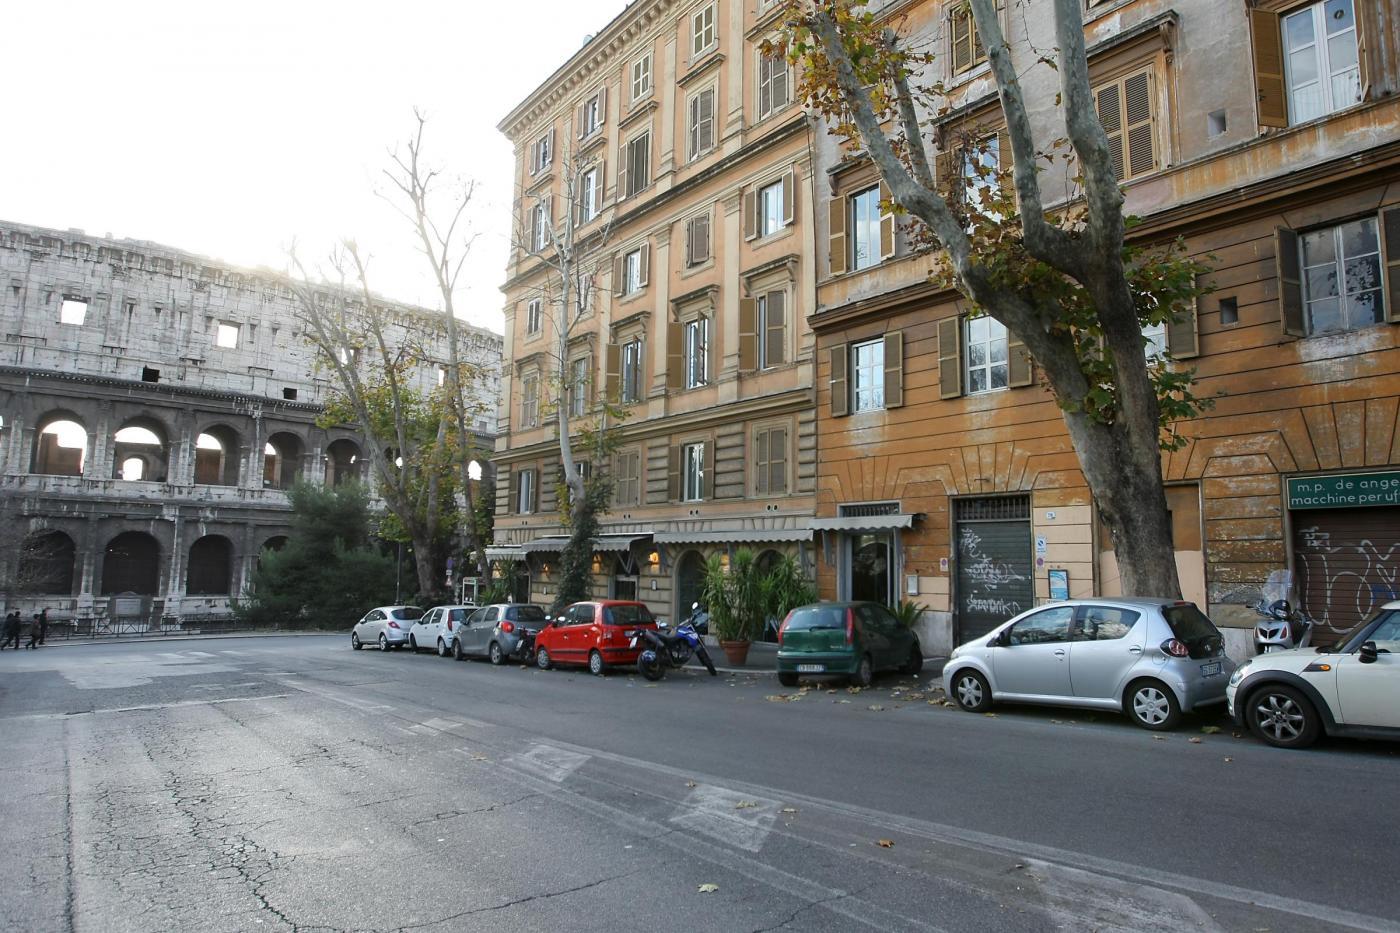 L'edificio vicino al Colosseo dove risiede il ministro Patroni Griffi